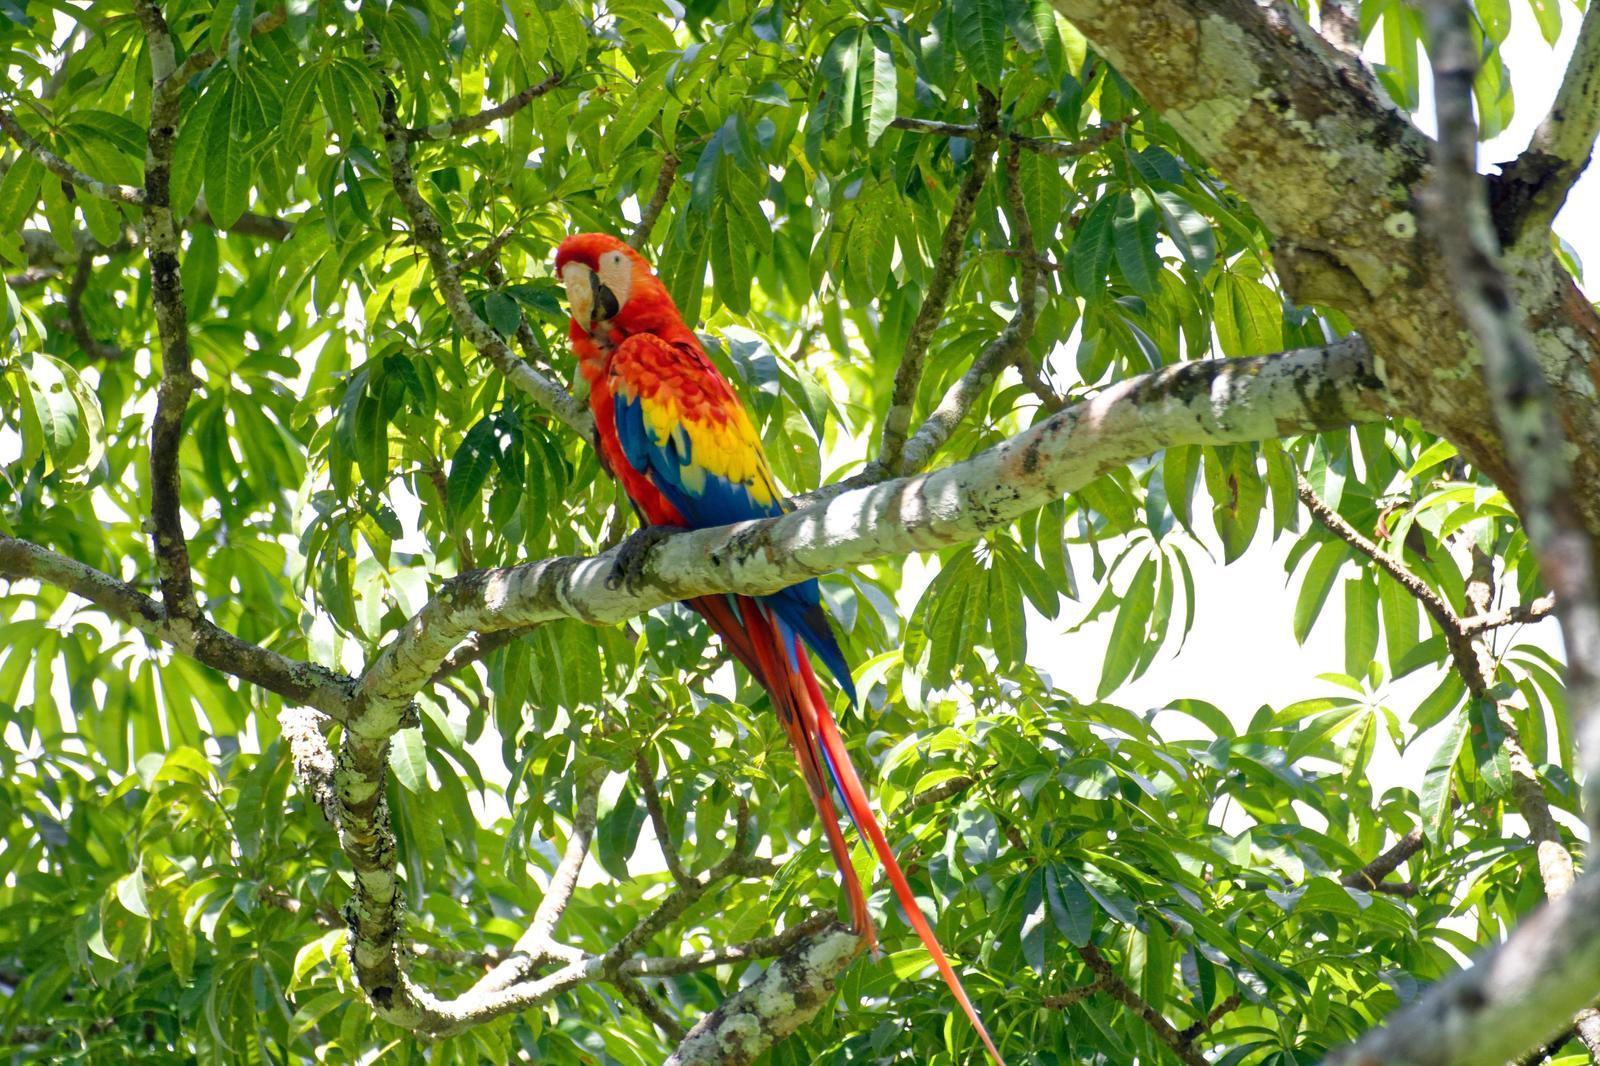 Scarlet Macaw Photo by Gustavo Fernandez